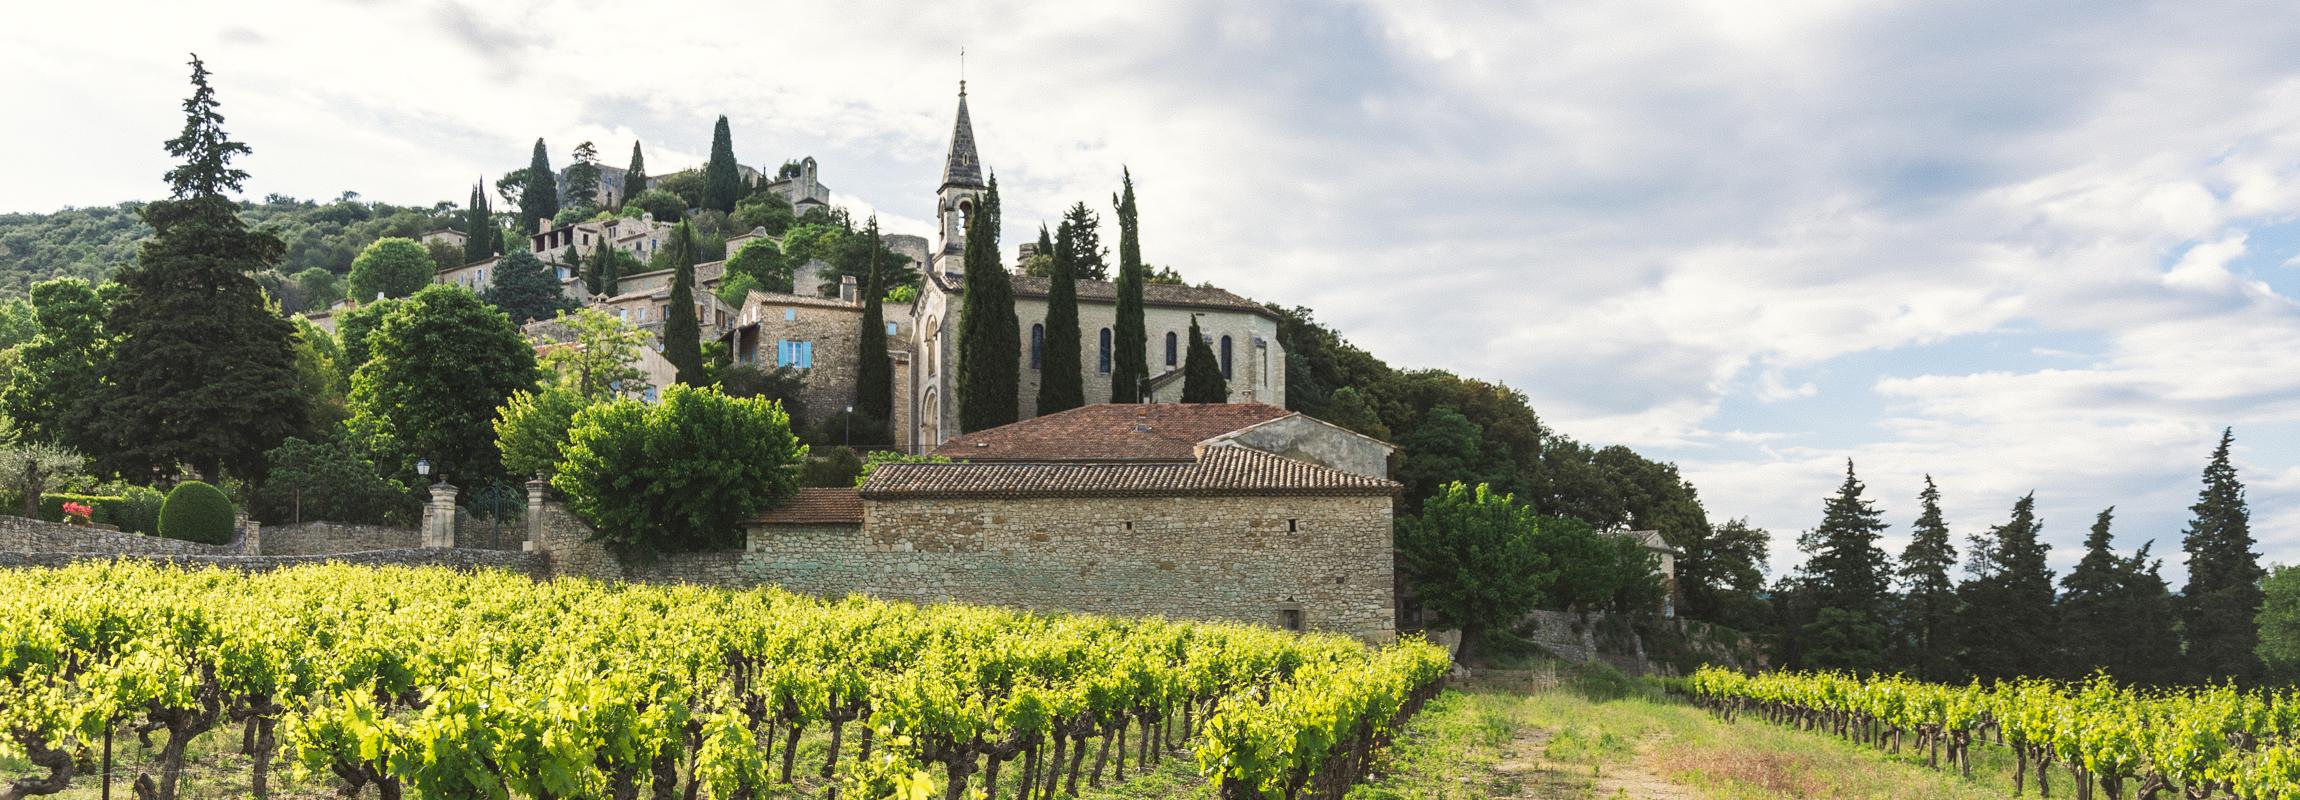 La Roque-sur-Cèze, ville historique qui est, comme l'Hôtel Château de Montcaud, située à la lisière de la Provence dans le sud de la France. Ces deux sites sont à visiter !